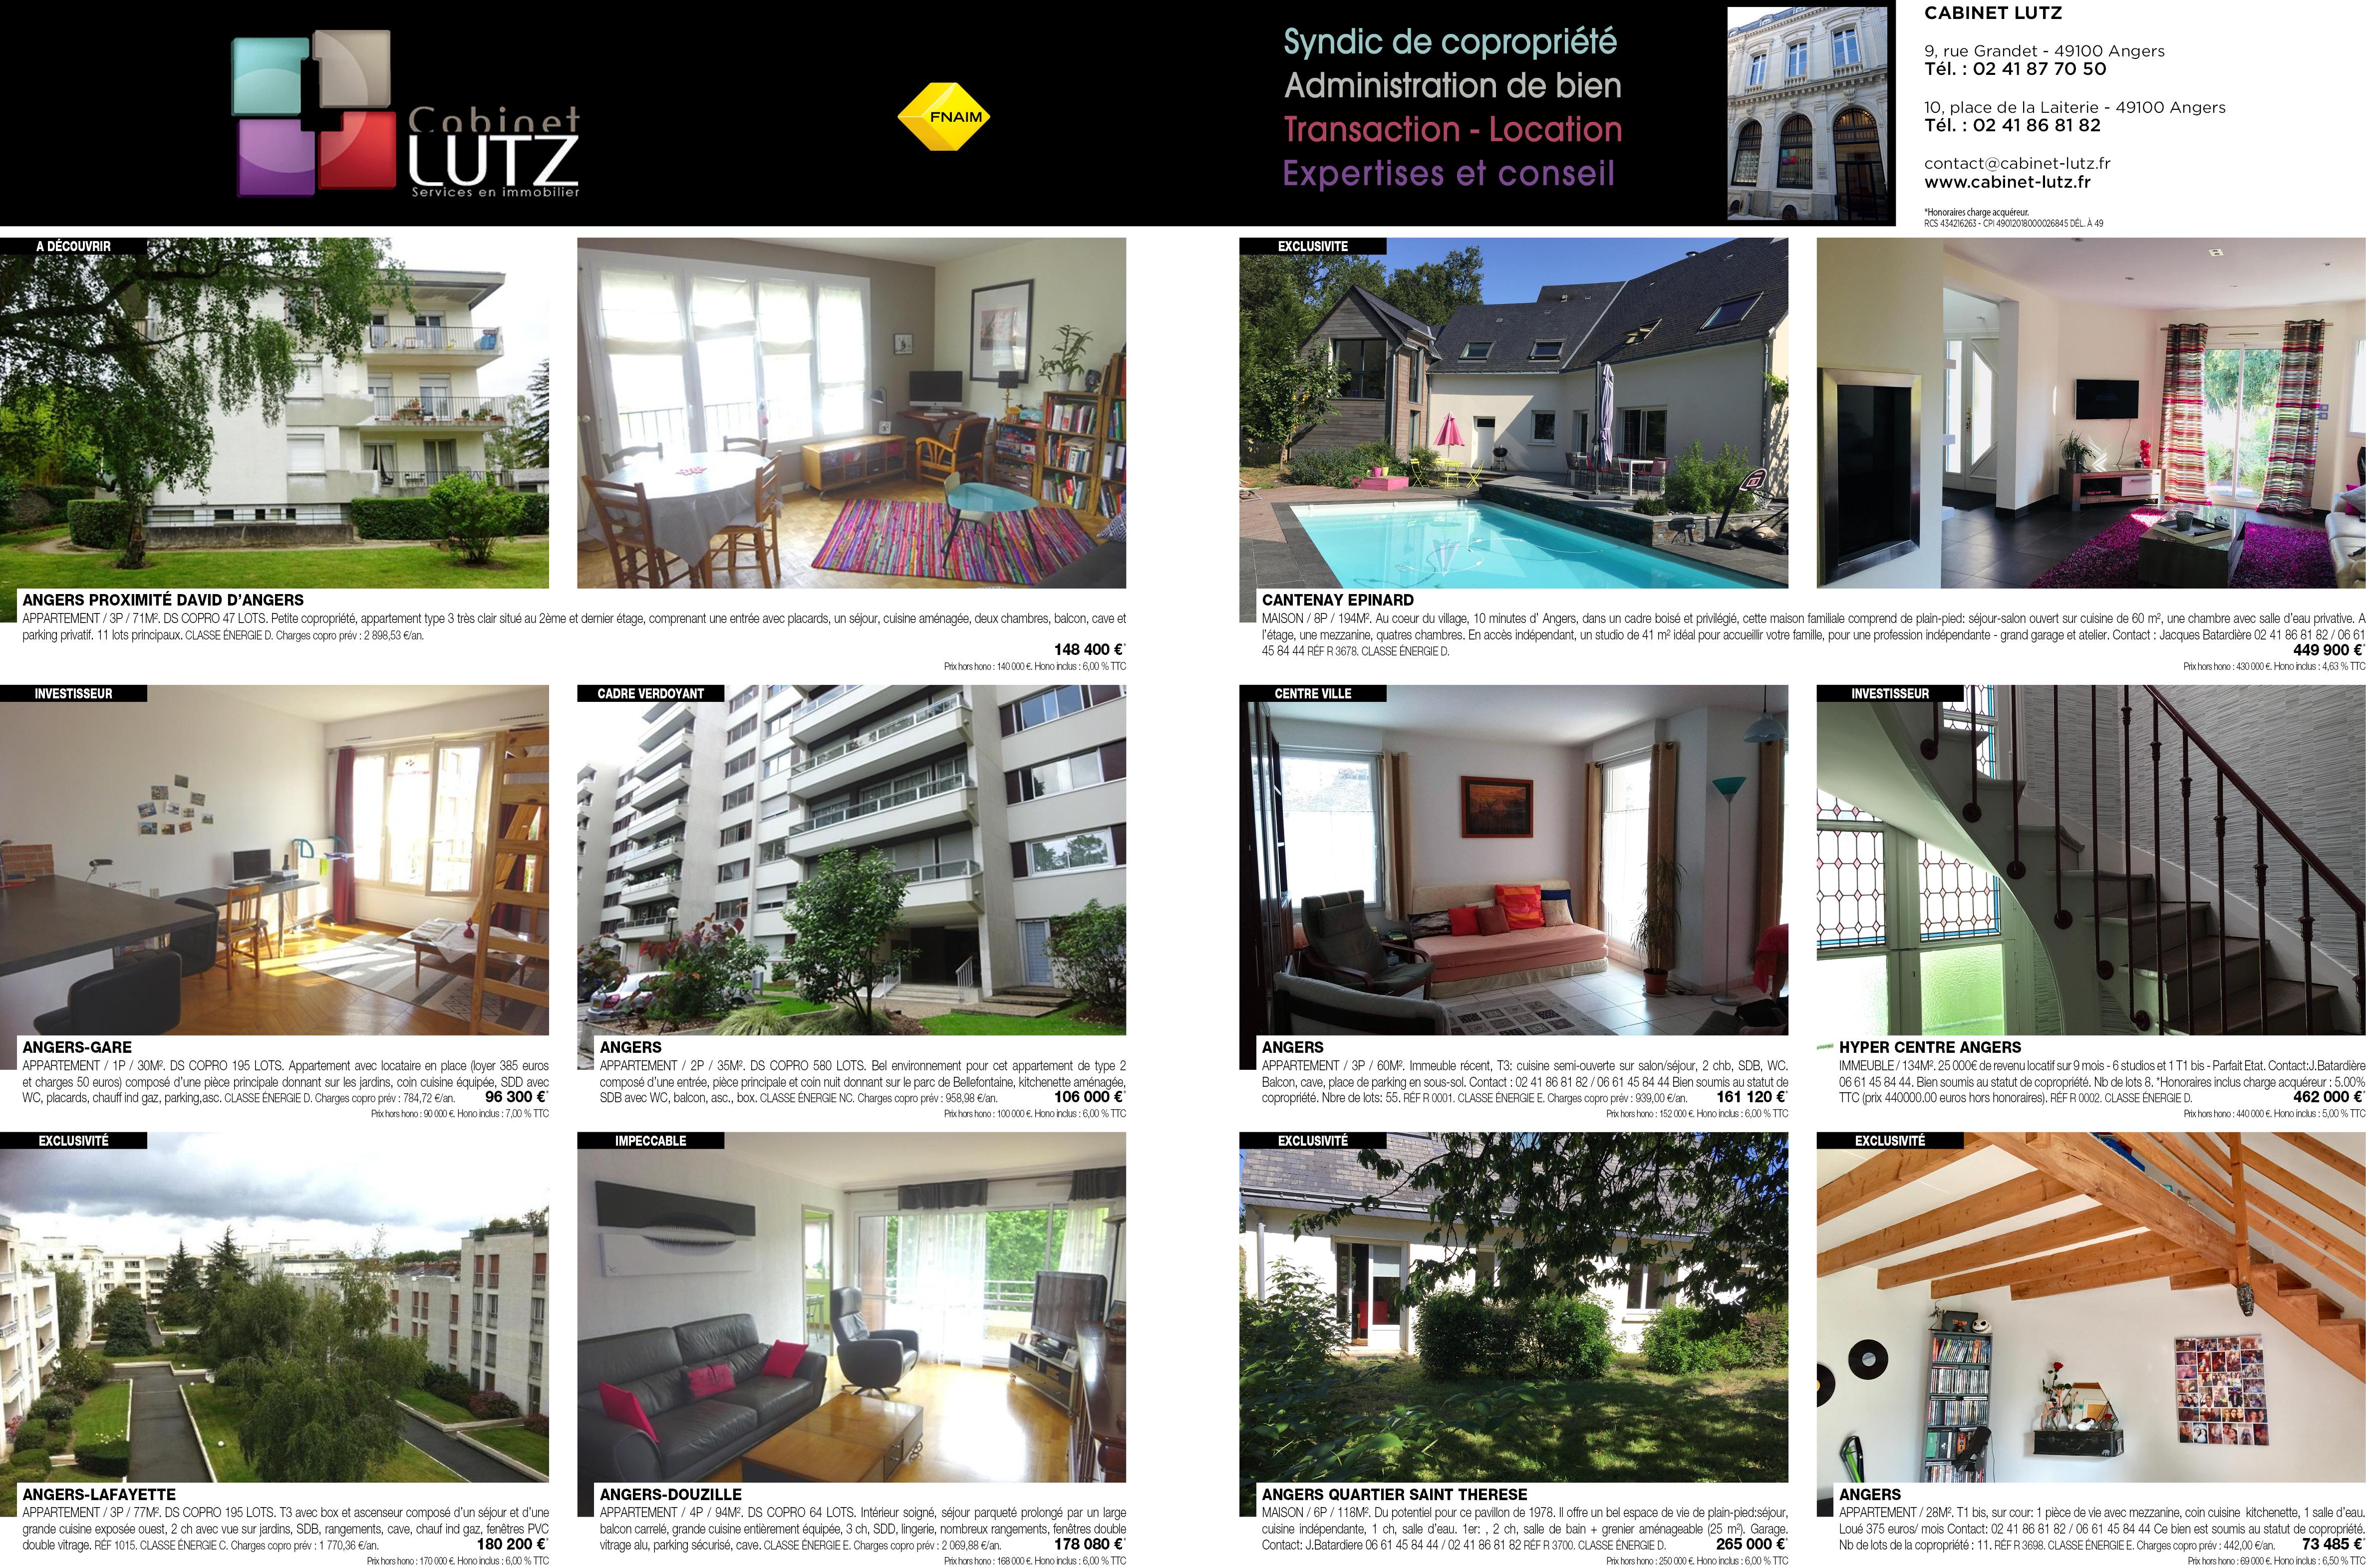 Cabinet lutz services en immobilier vente maison angers - Cabinet branchereau immobilier angers ...